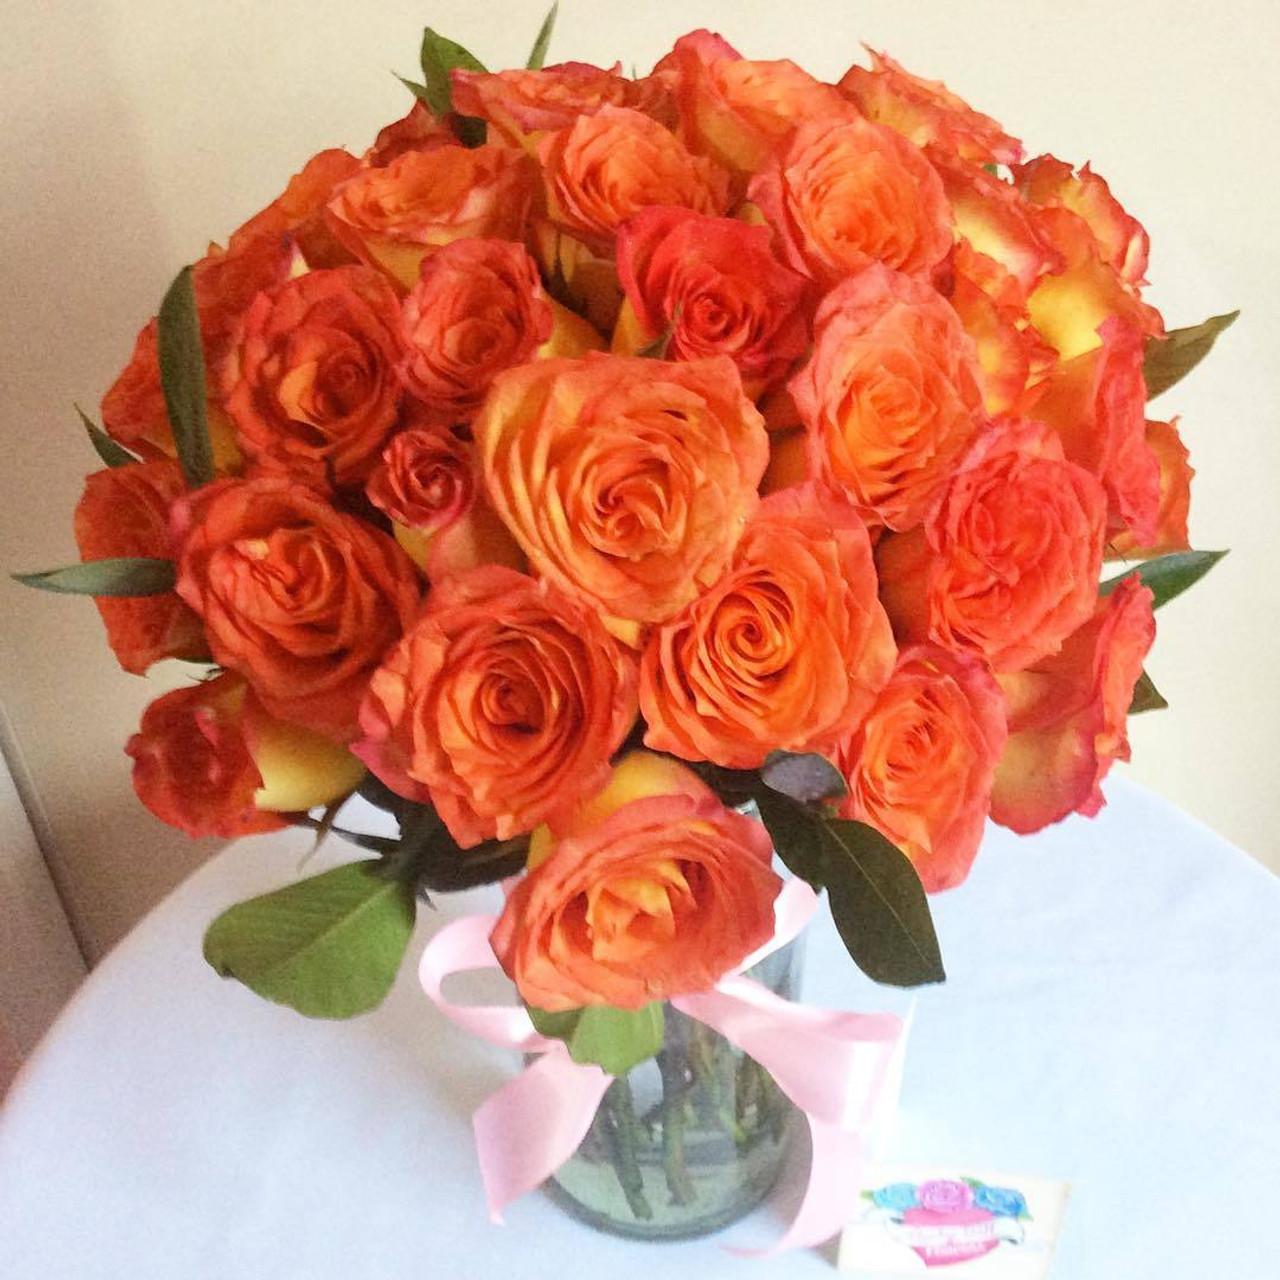 24 Korean Orange Roses Bouquet